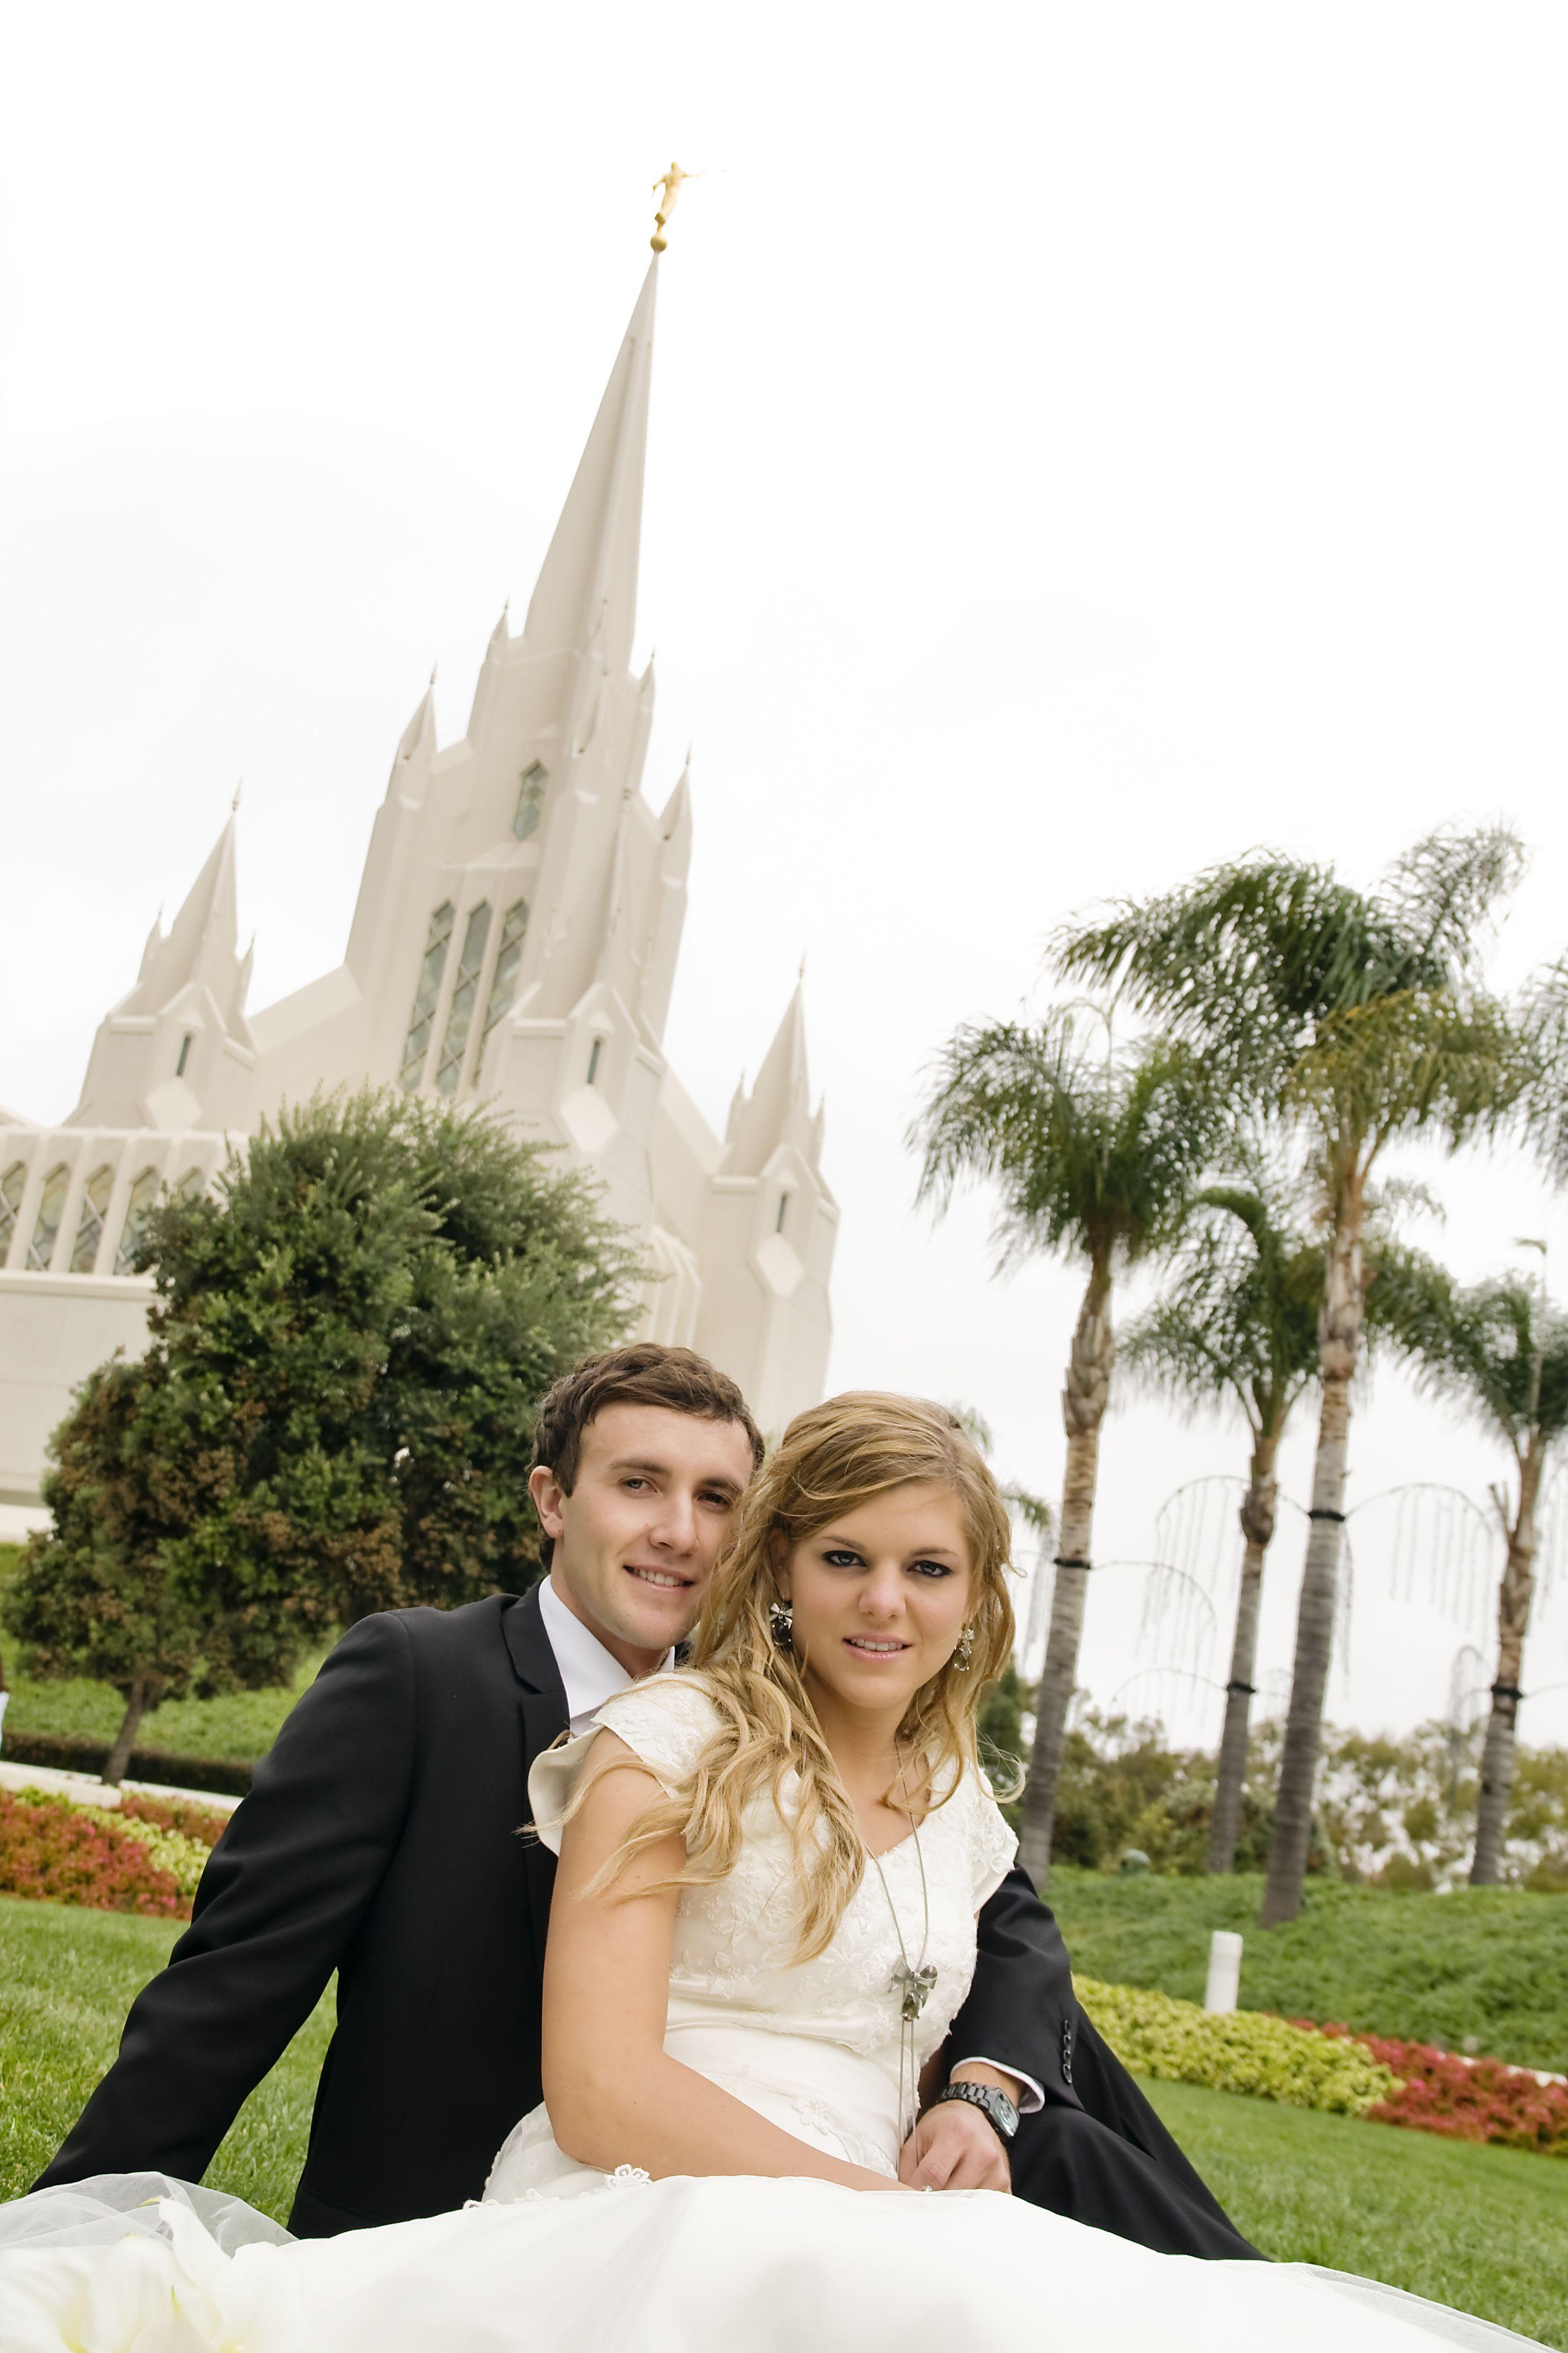 krystal & ty on san diego temple lawn on wedding day | krystal's